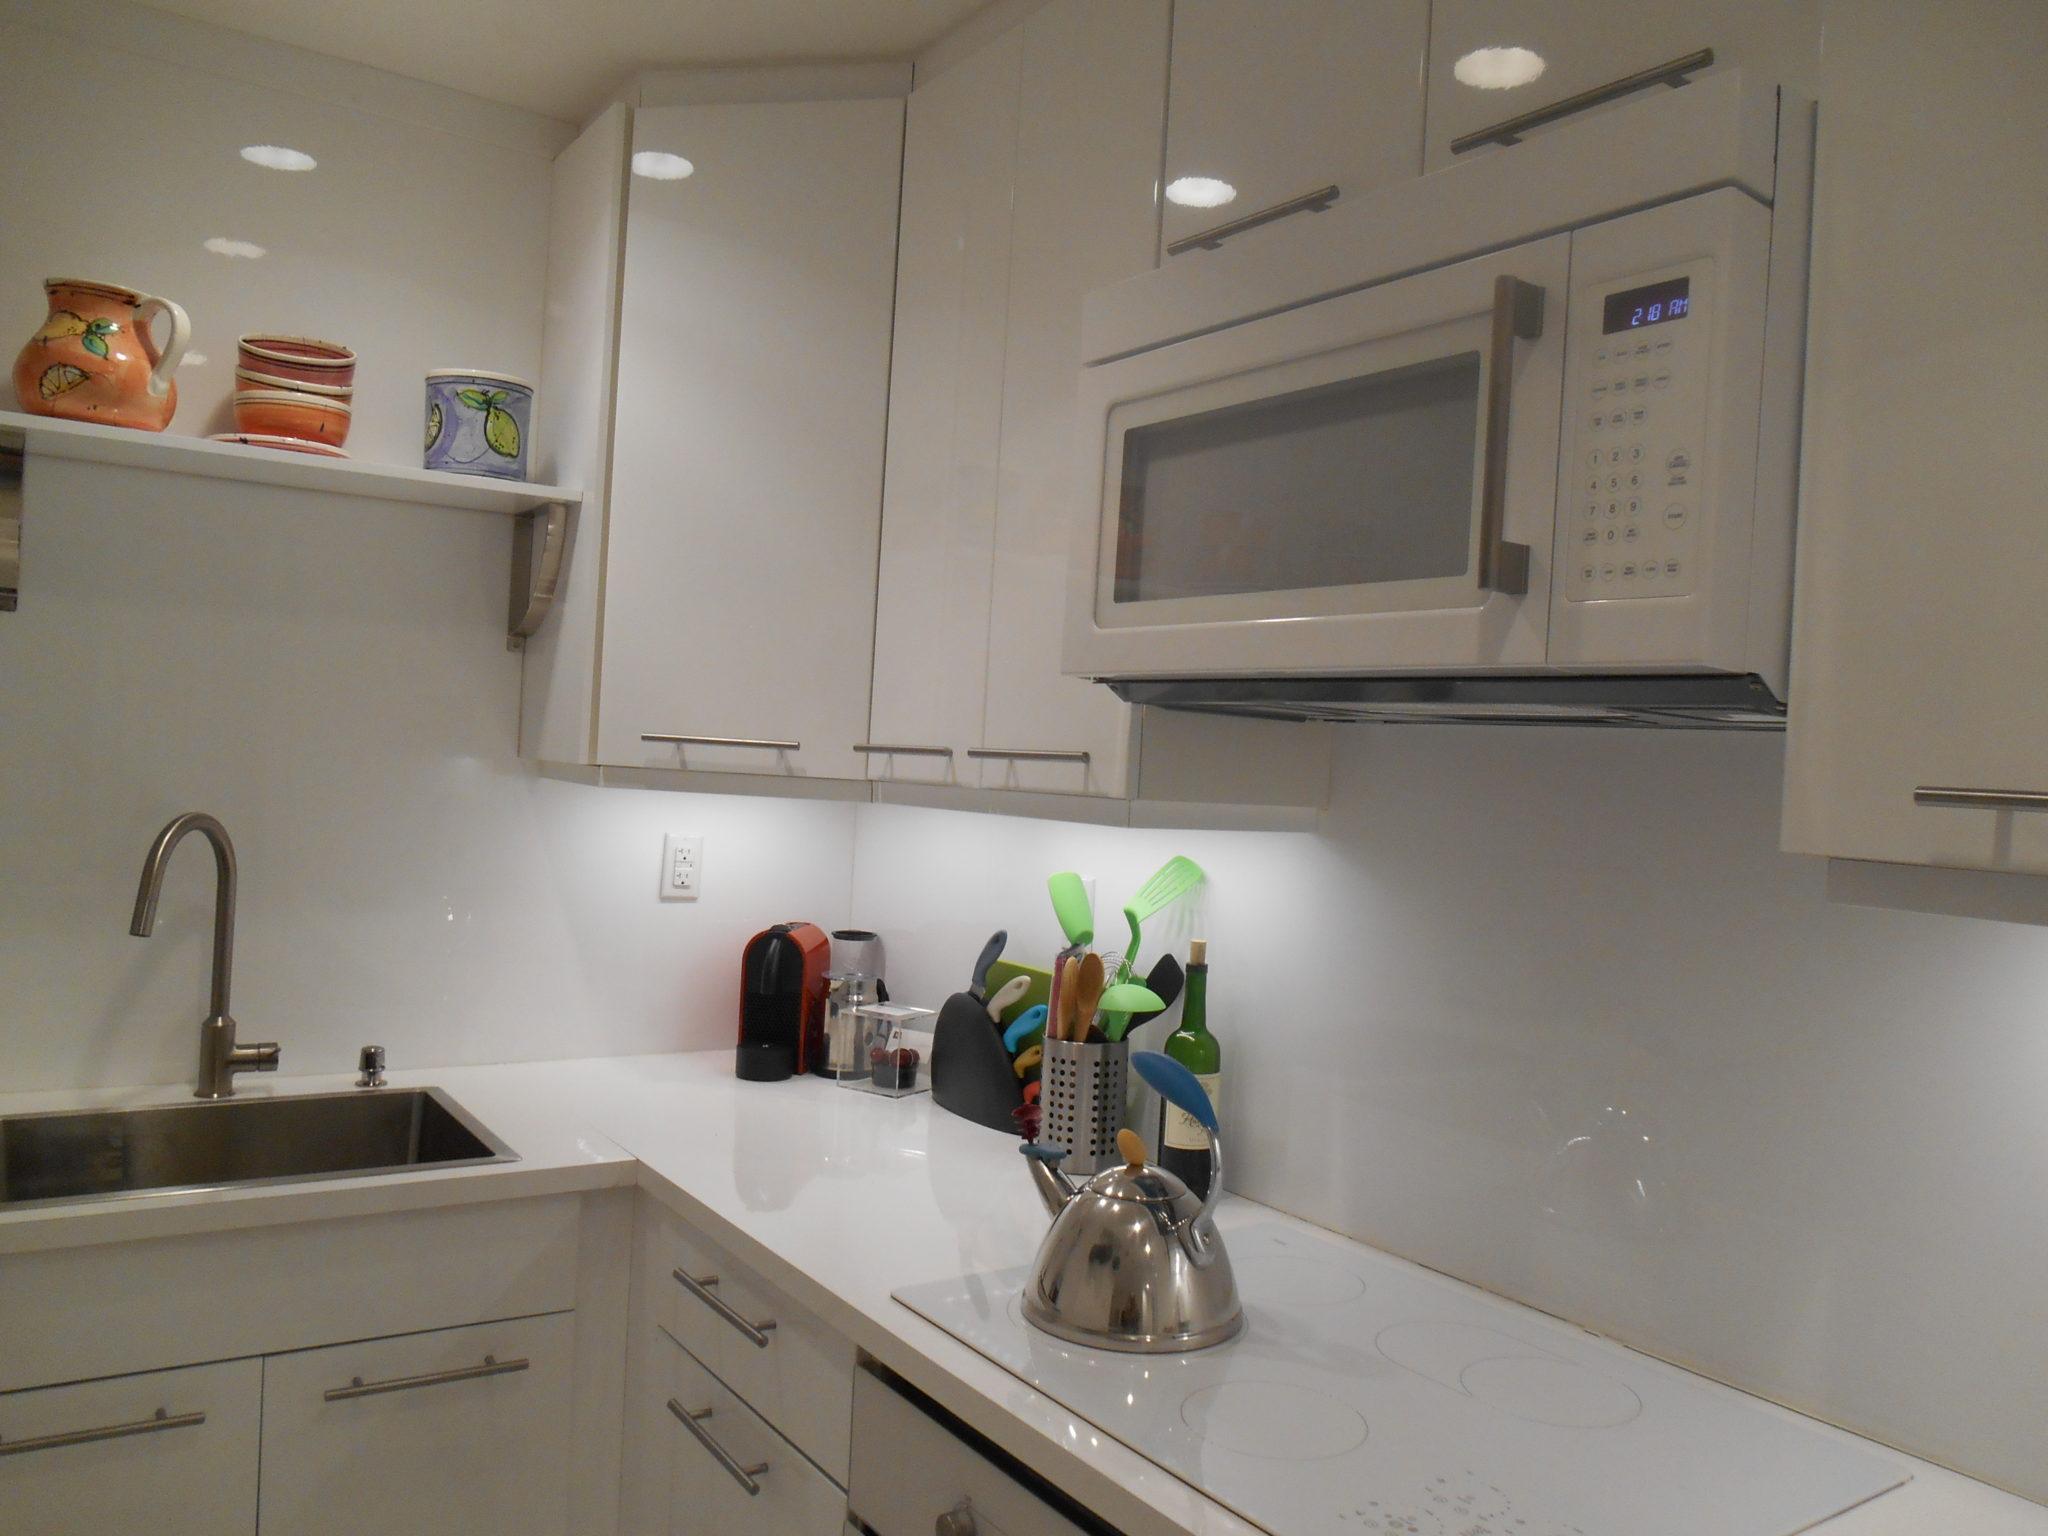 collins 1 br kitchen counterDSCN0044